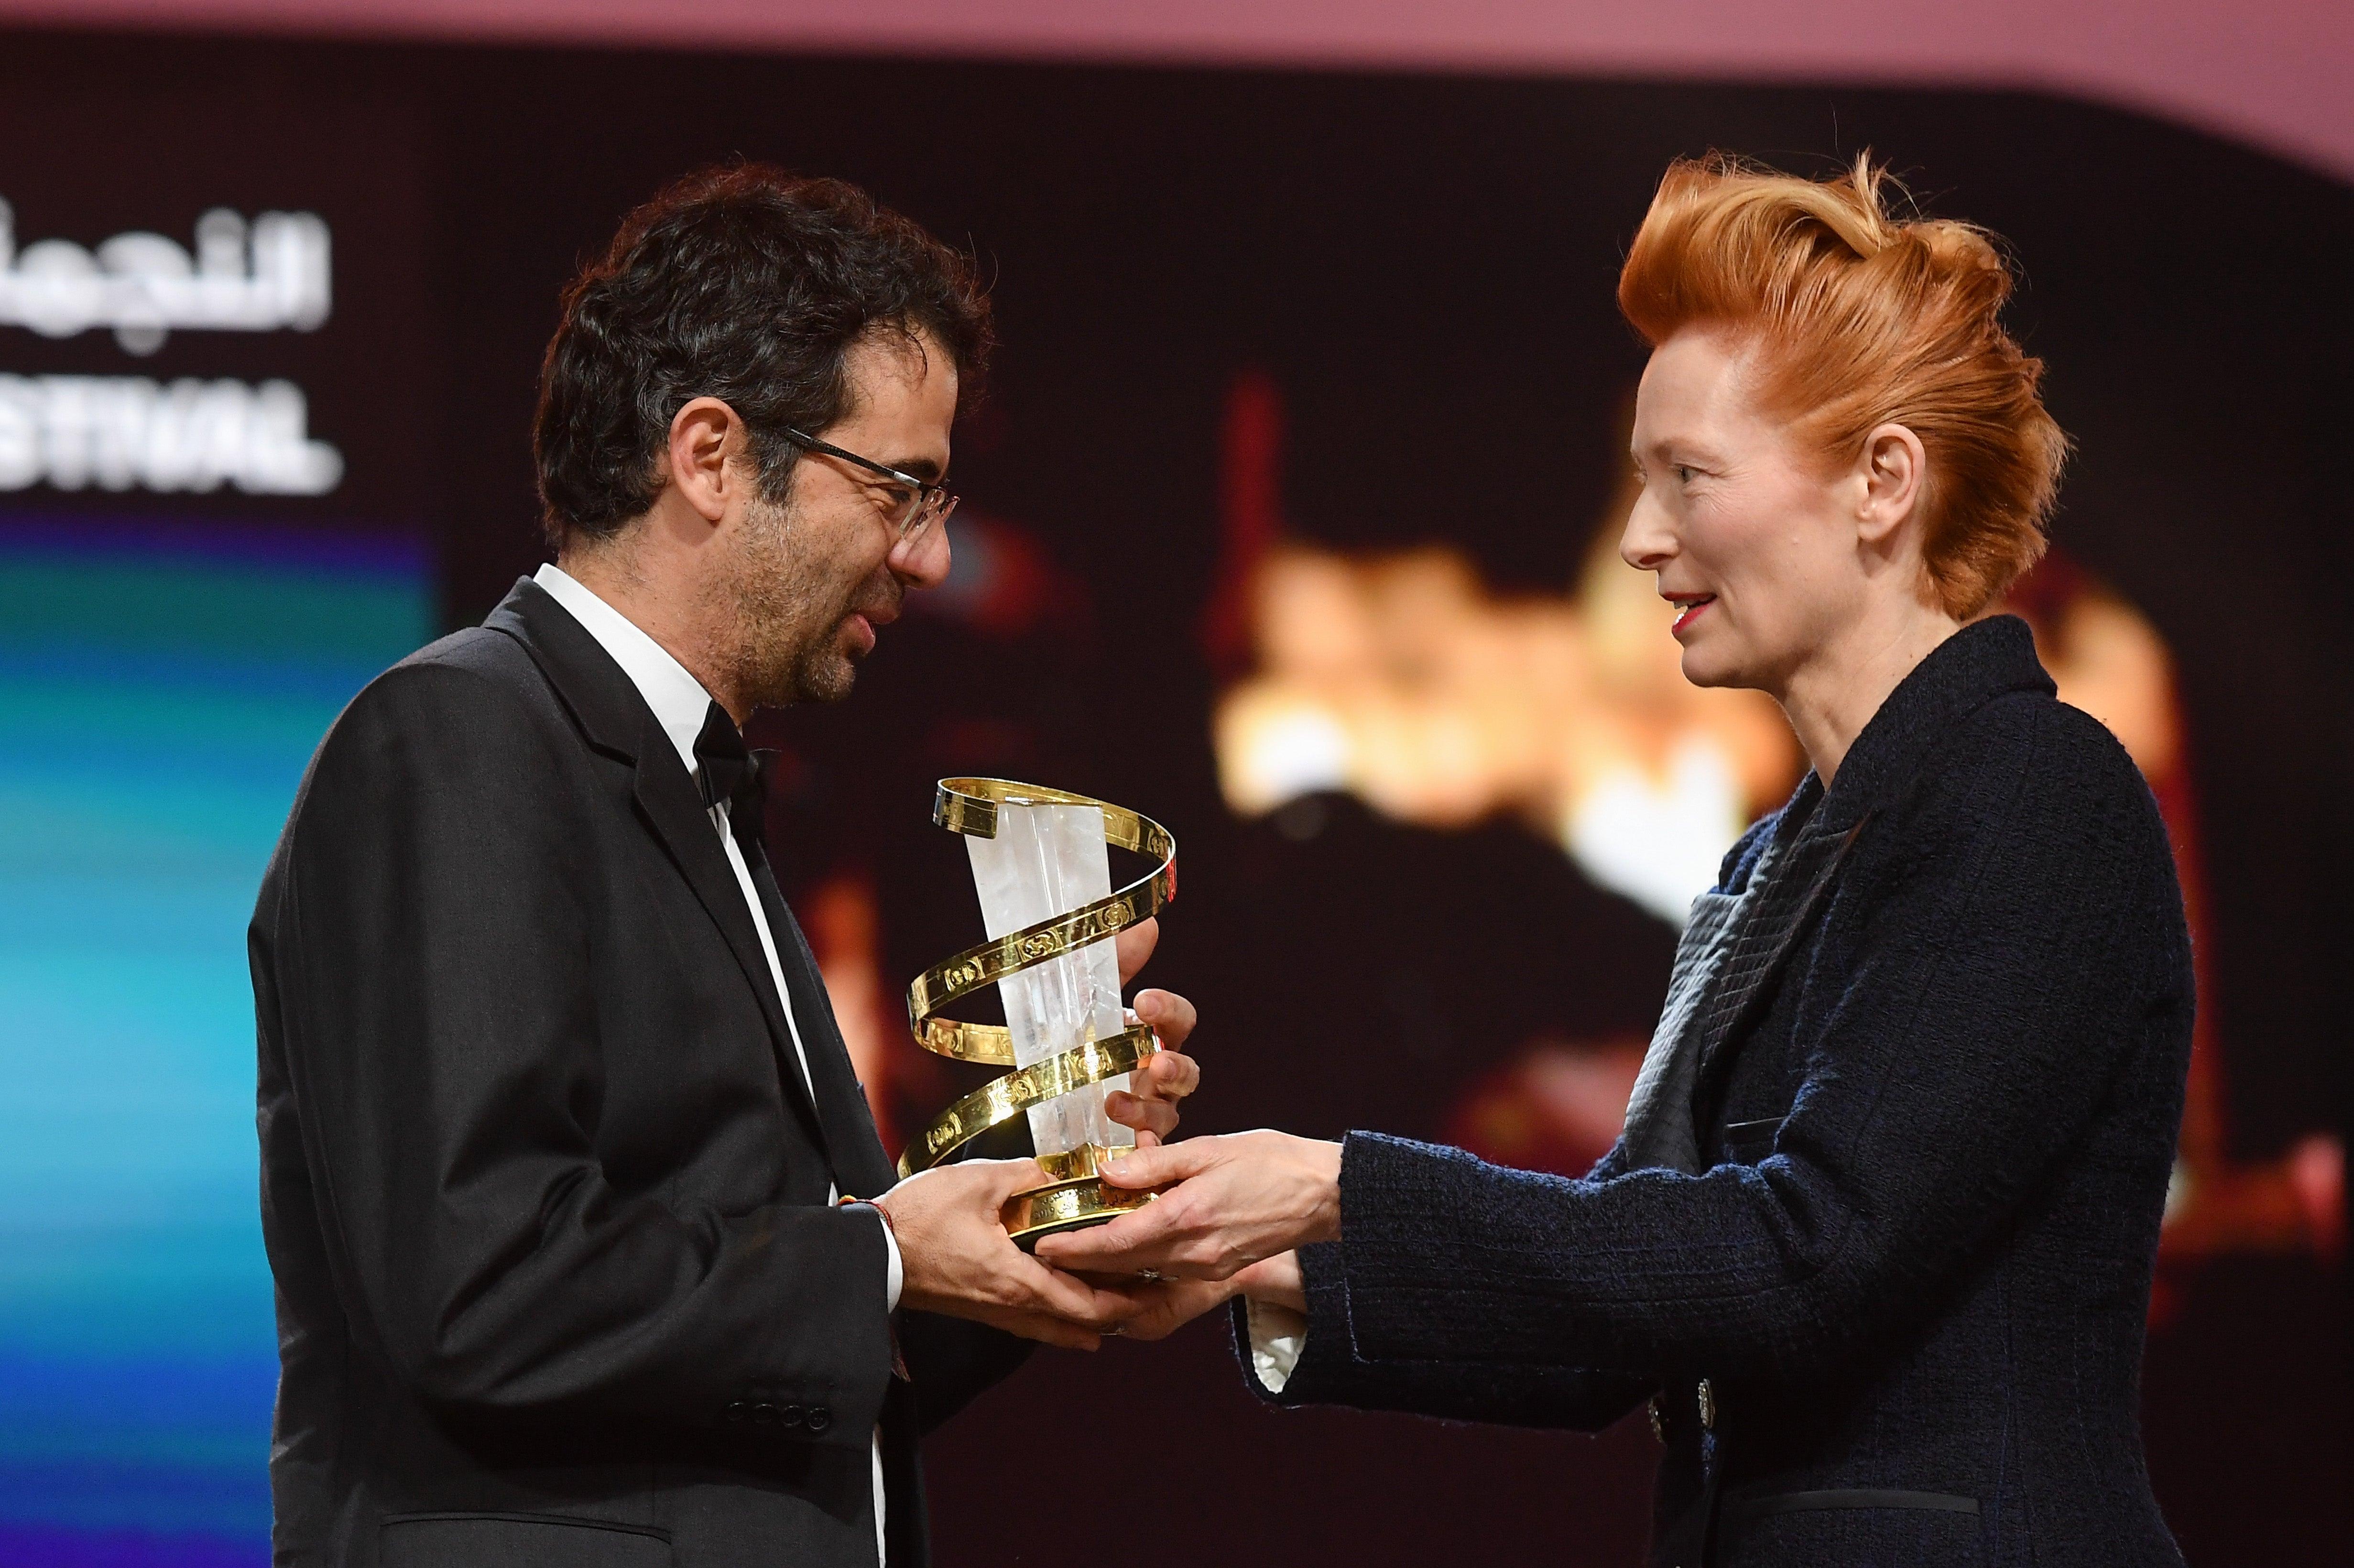 Director Nicolas Rincon Gille at the Marrakech FF 2019